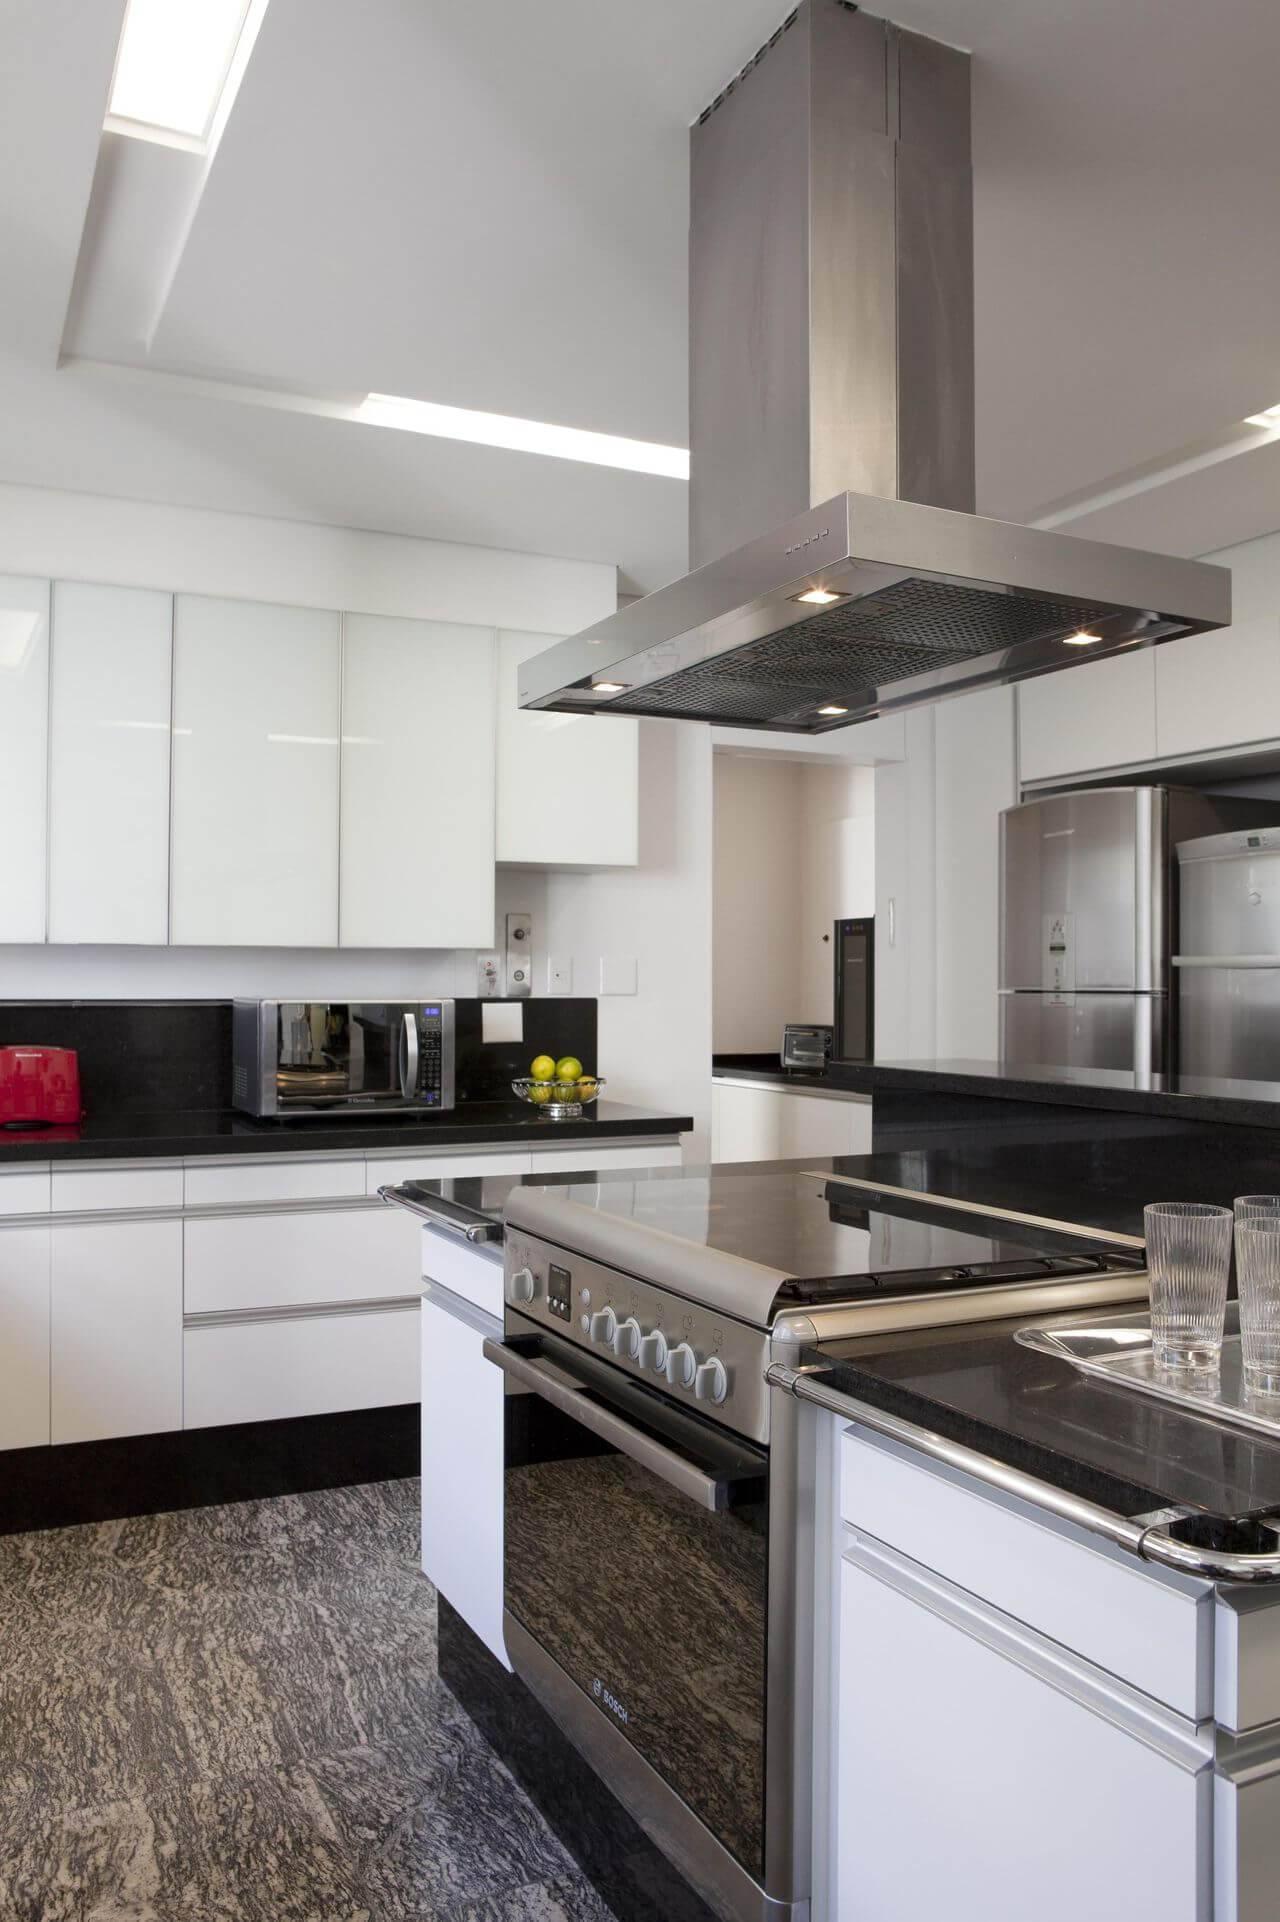 pisos para cozinha marcelo rosset 2199